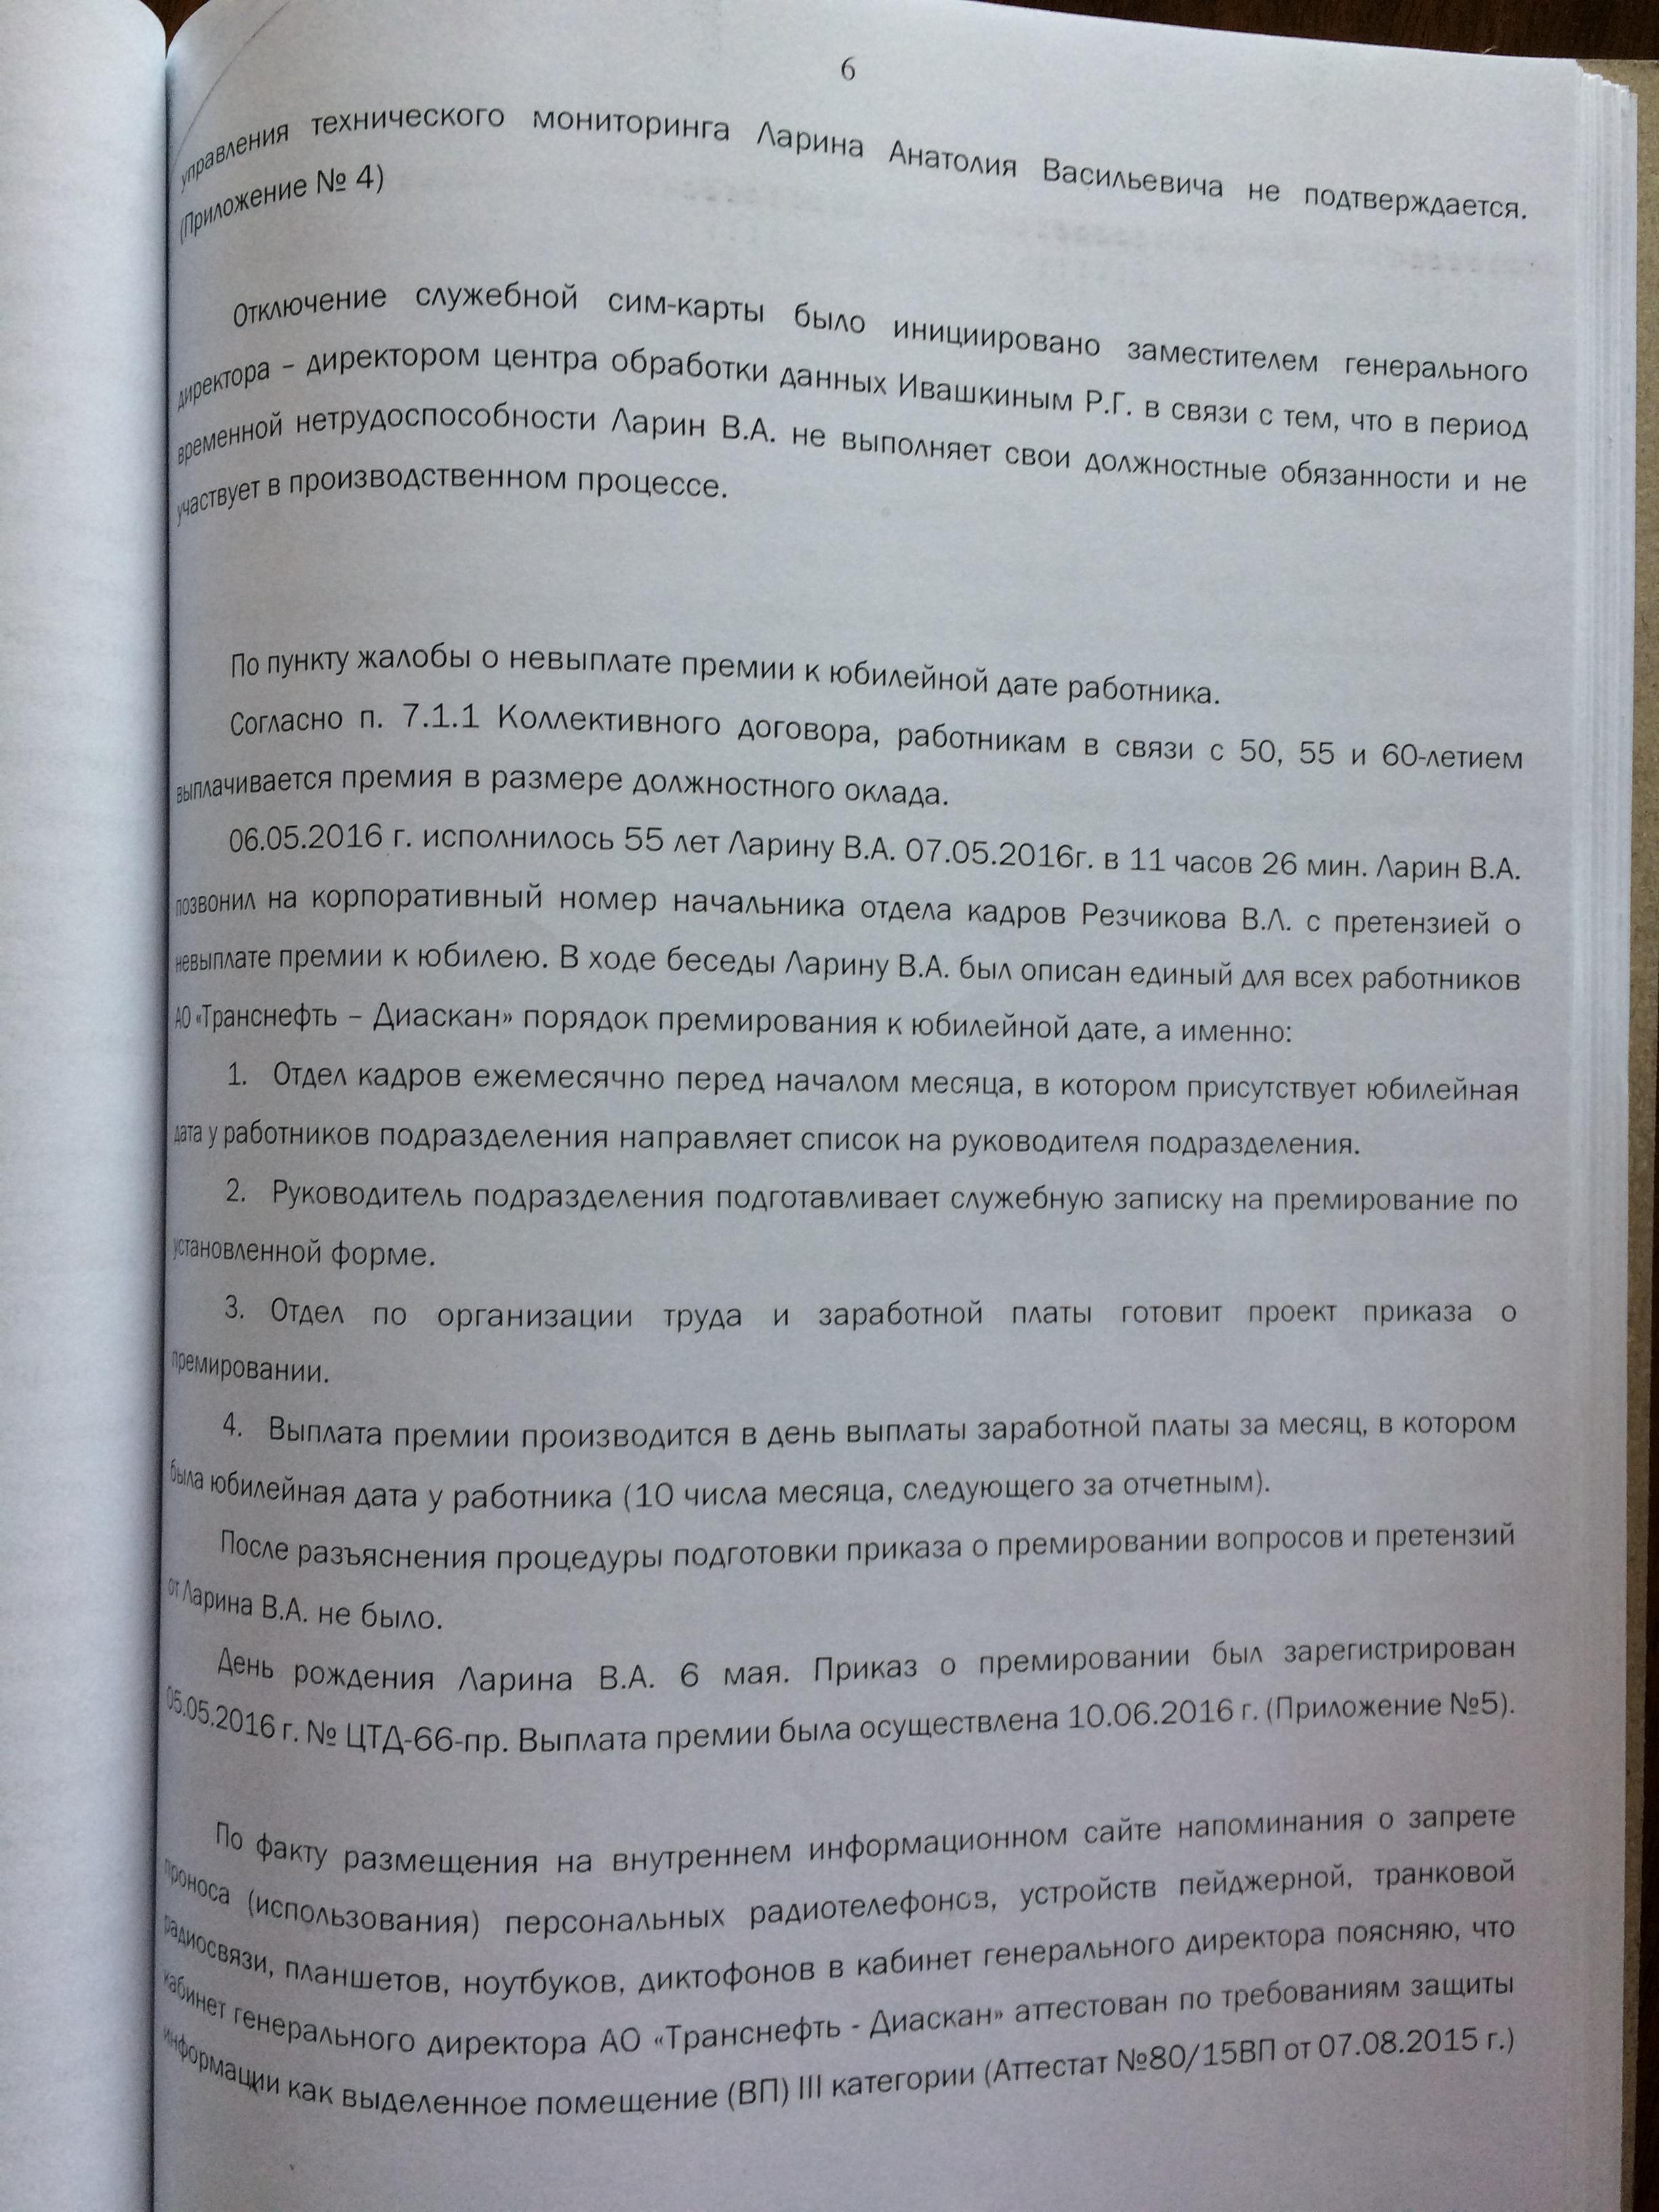 Фото документов проверки Луховицкой городской прокуратурой - 39 (5)